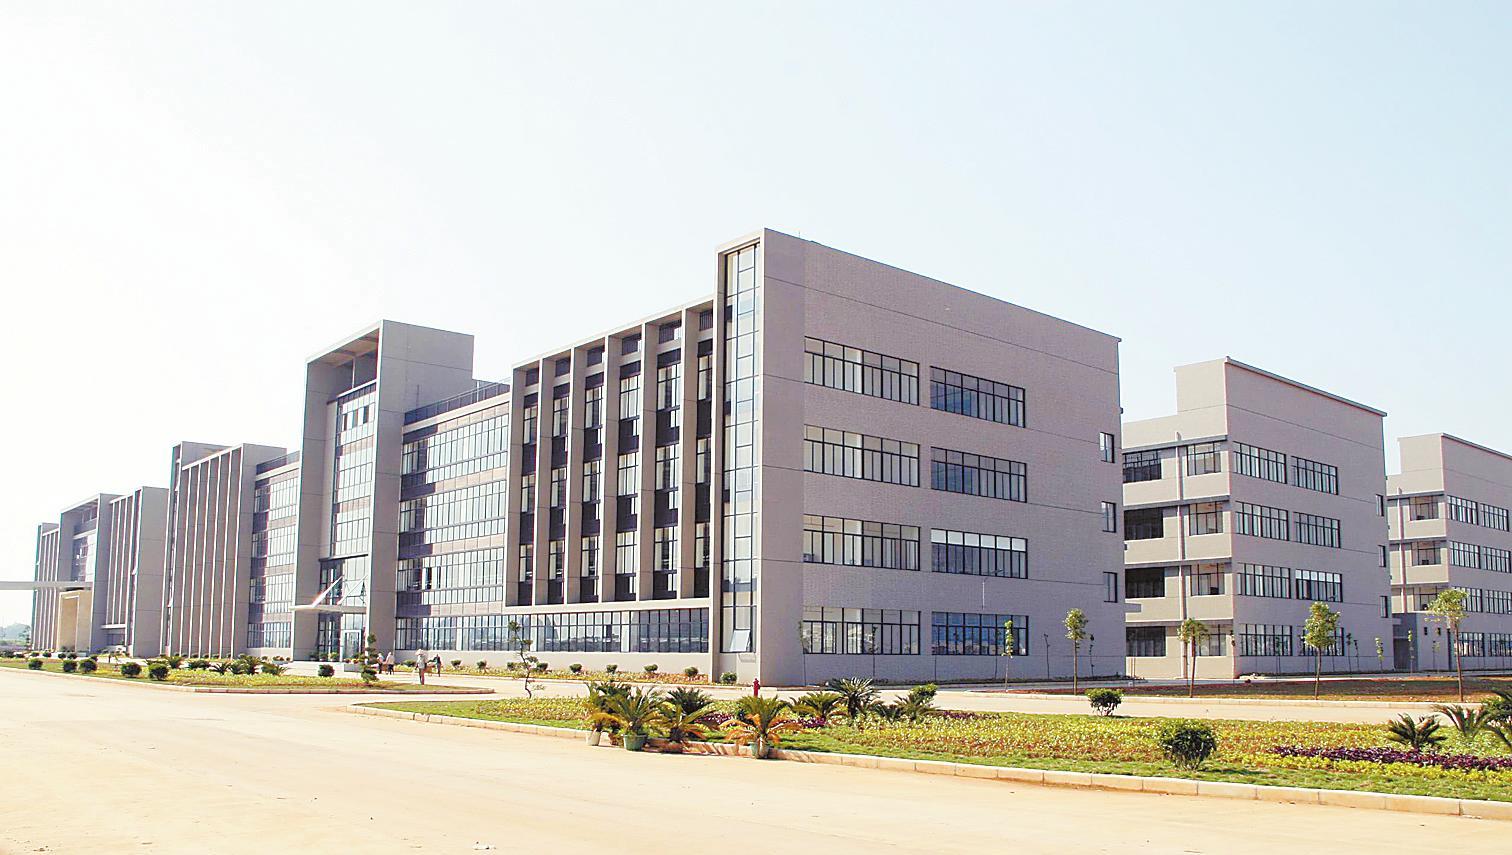 广西东盟经济技术开发区经济总量_广西东盟博览会图片